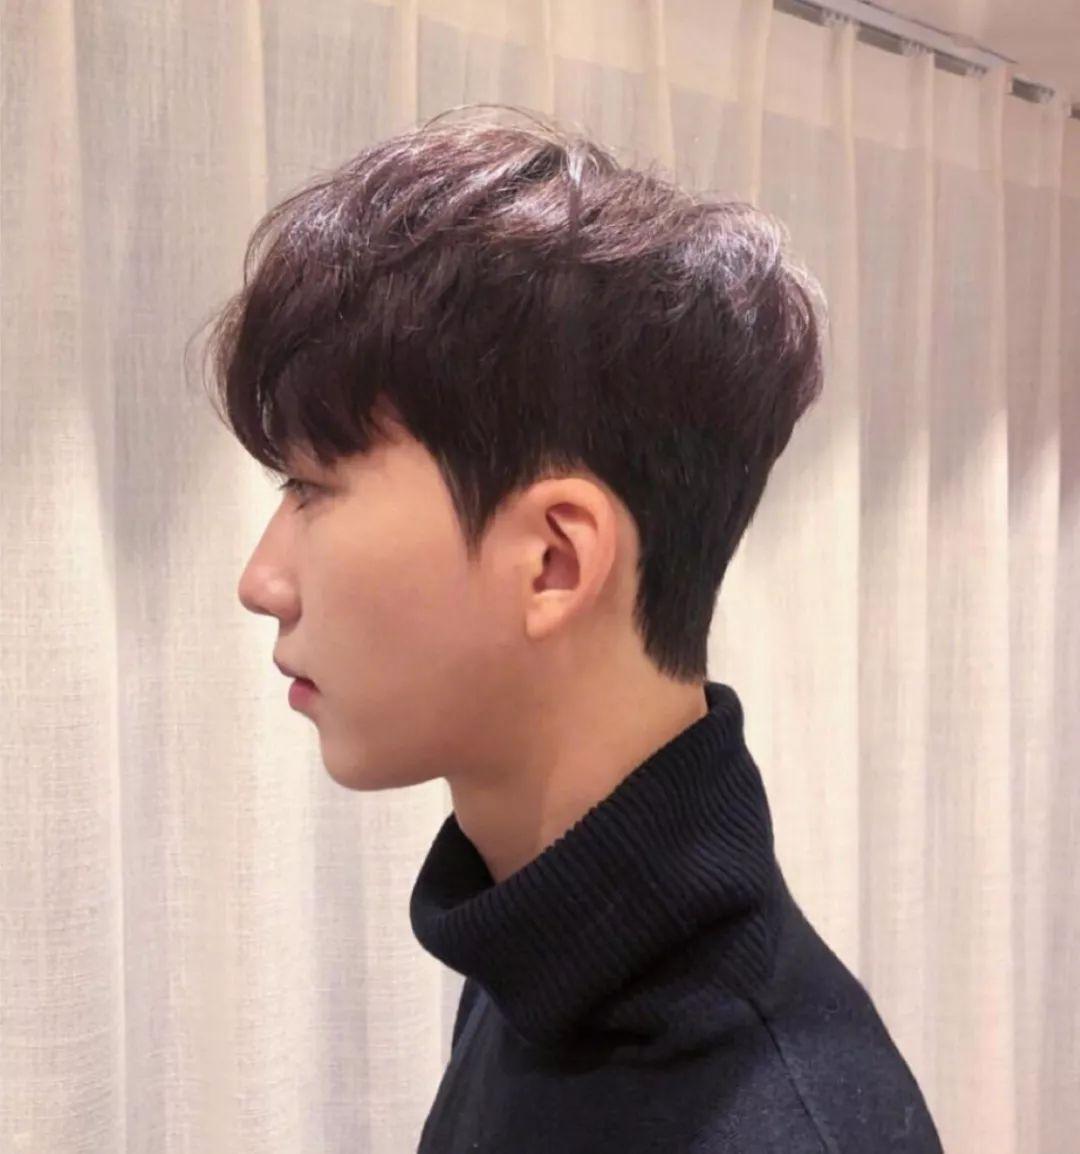 中分烫刘海发型图片